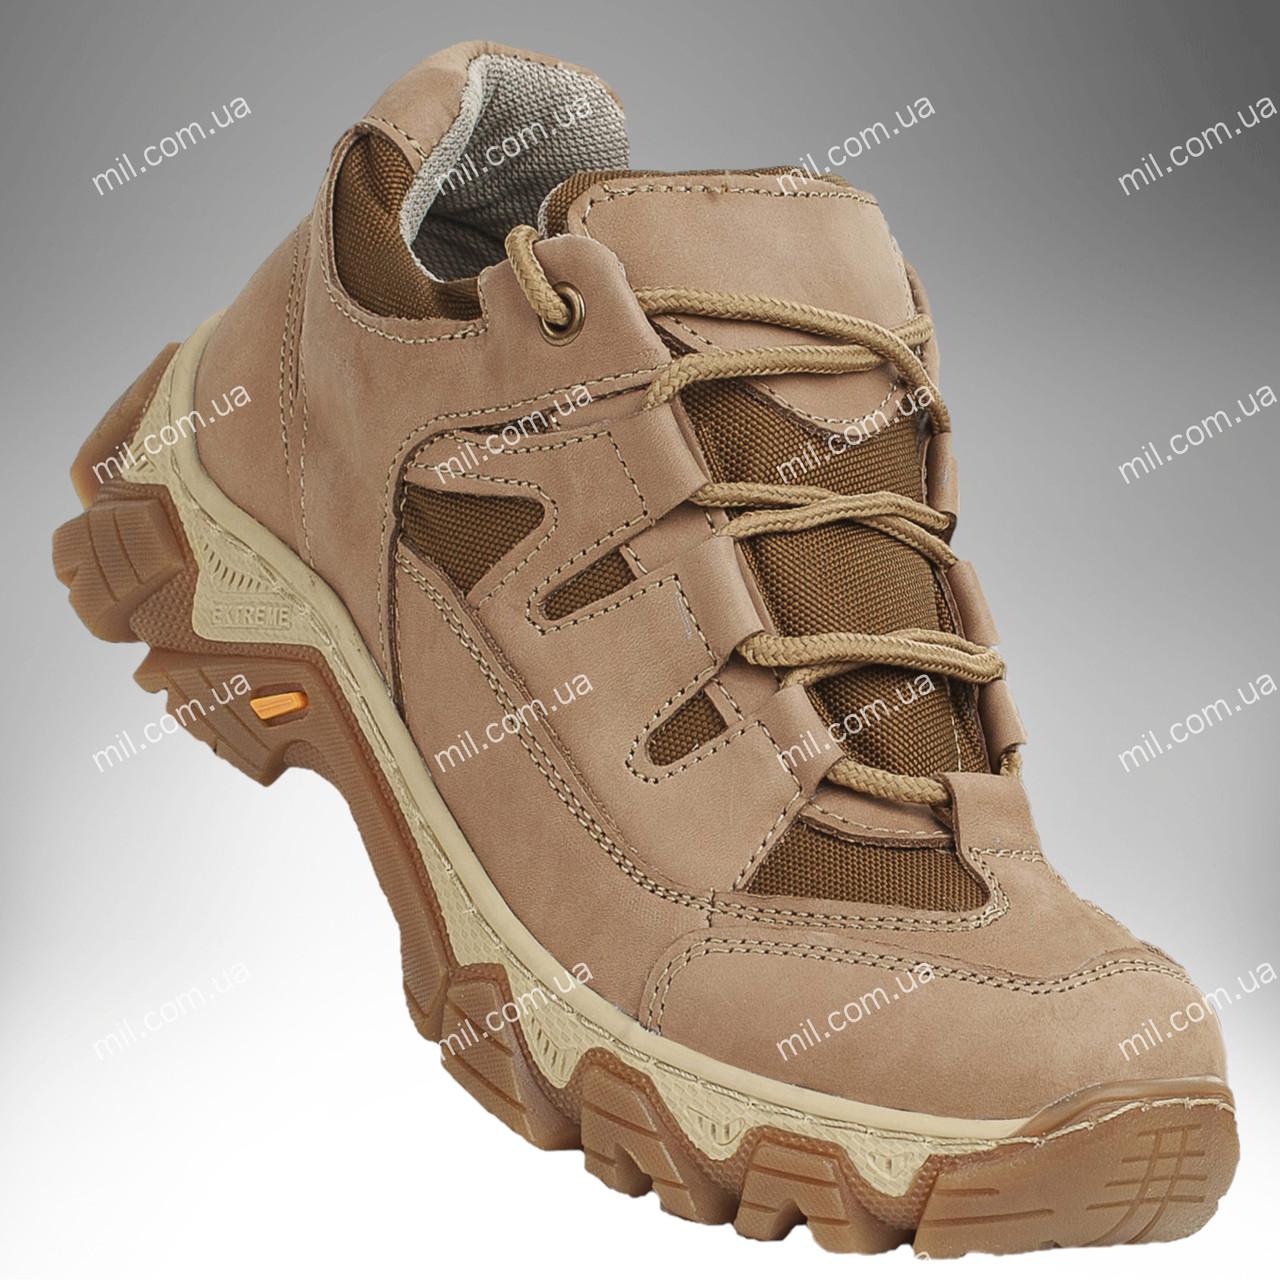 Тактические кроссовки / демисезонная военная обувь Tactic LOW4 (бежевый)